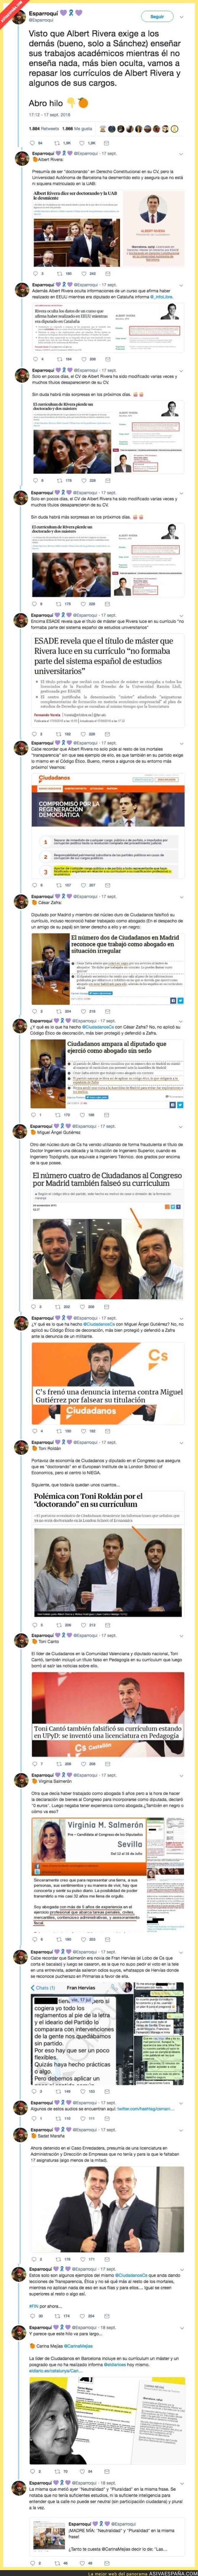 93487 - Albert Rivera tiene mucho que callar: tuitero recopila todas las mentiras de los CVs de Ciudadanos